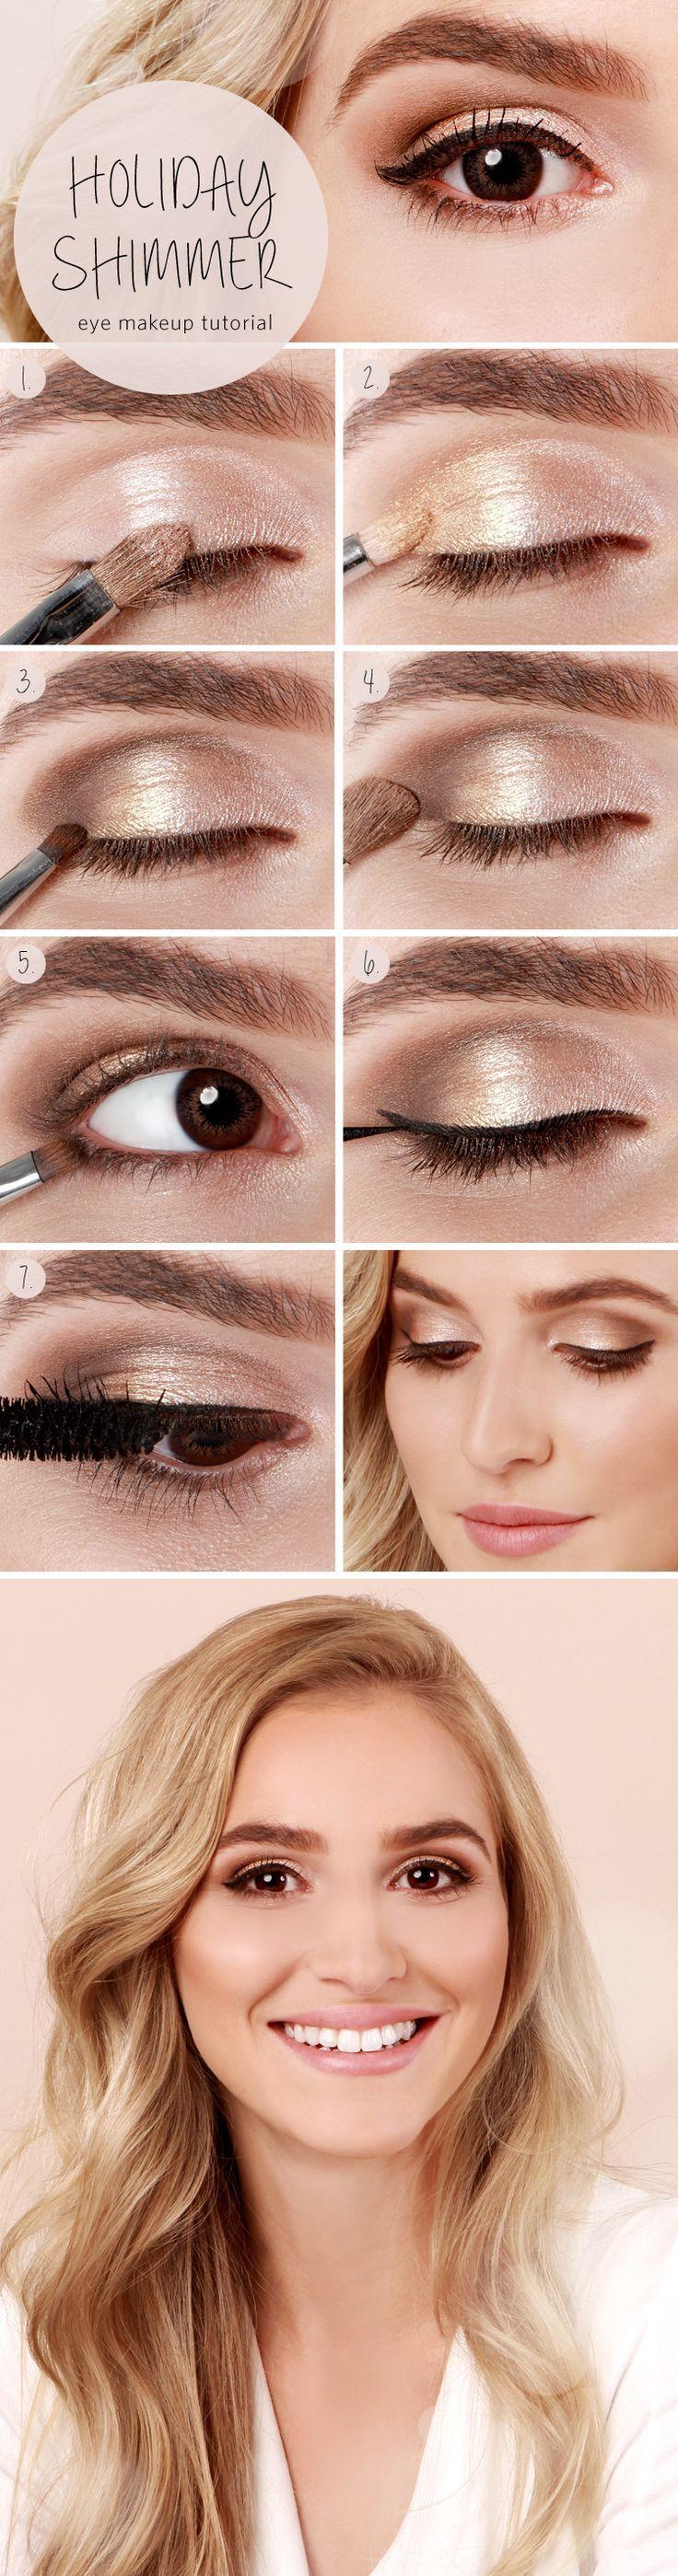 10 Party Augen Make up Tutorials für Euch zu Rocken #makeuptips